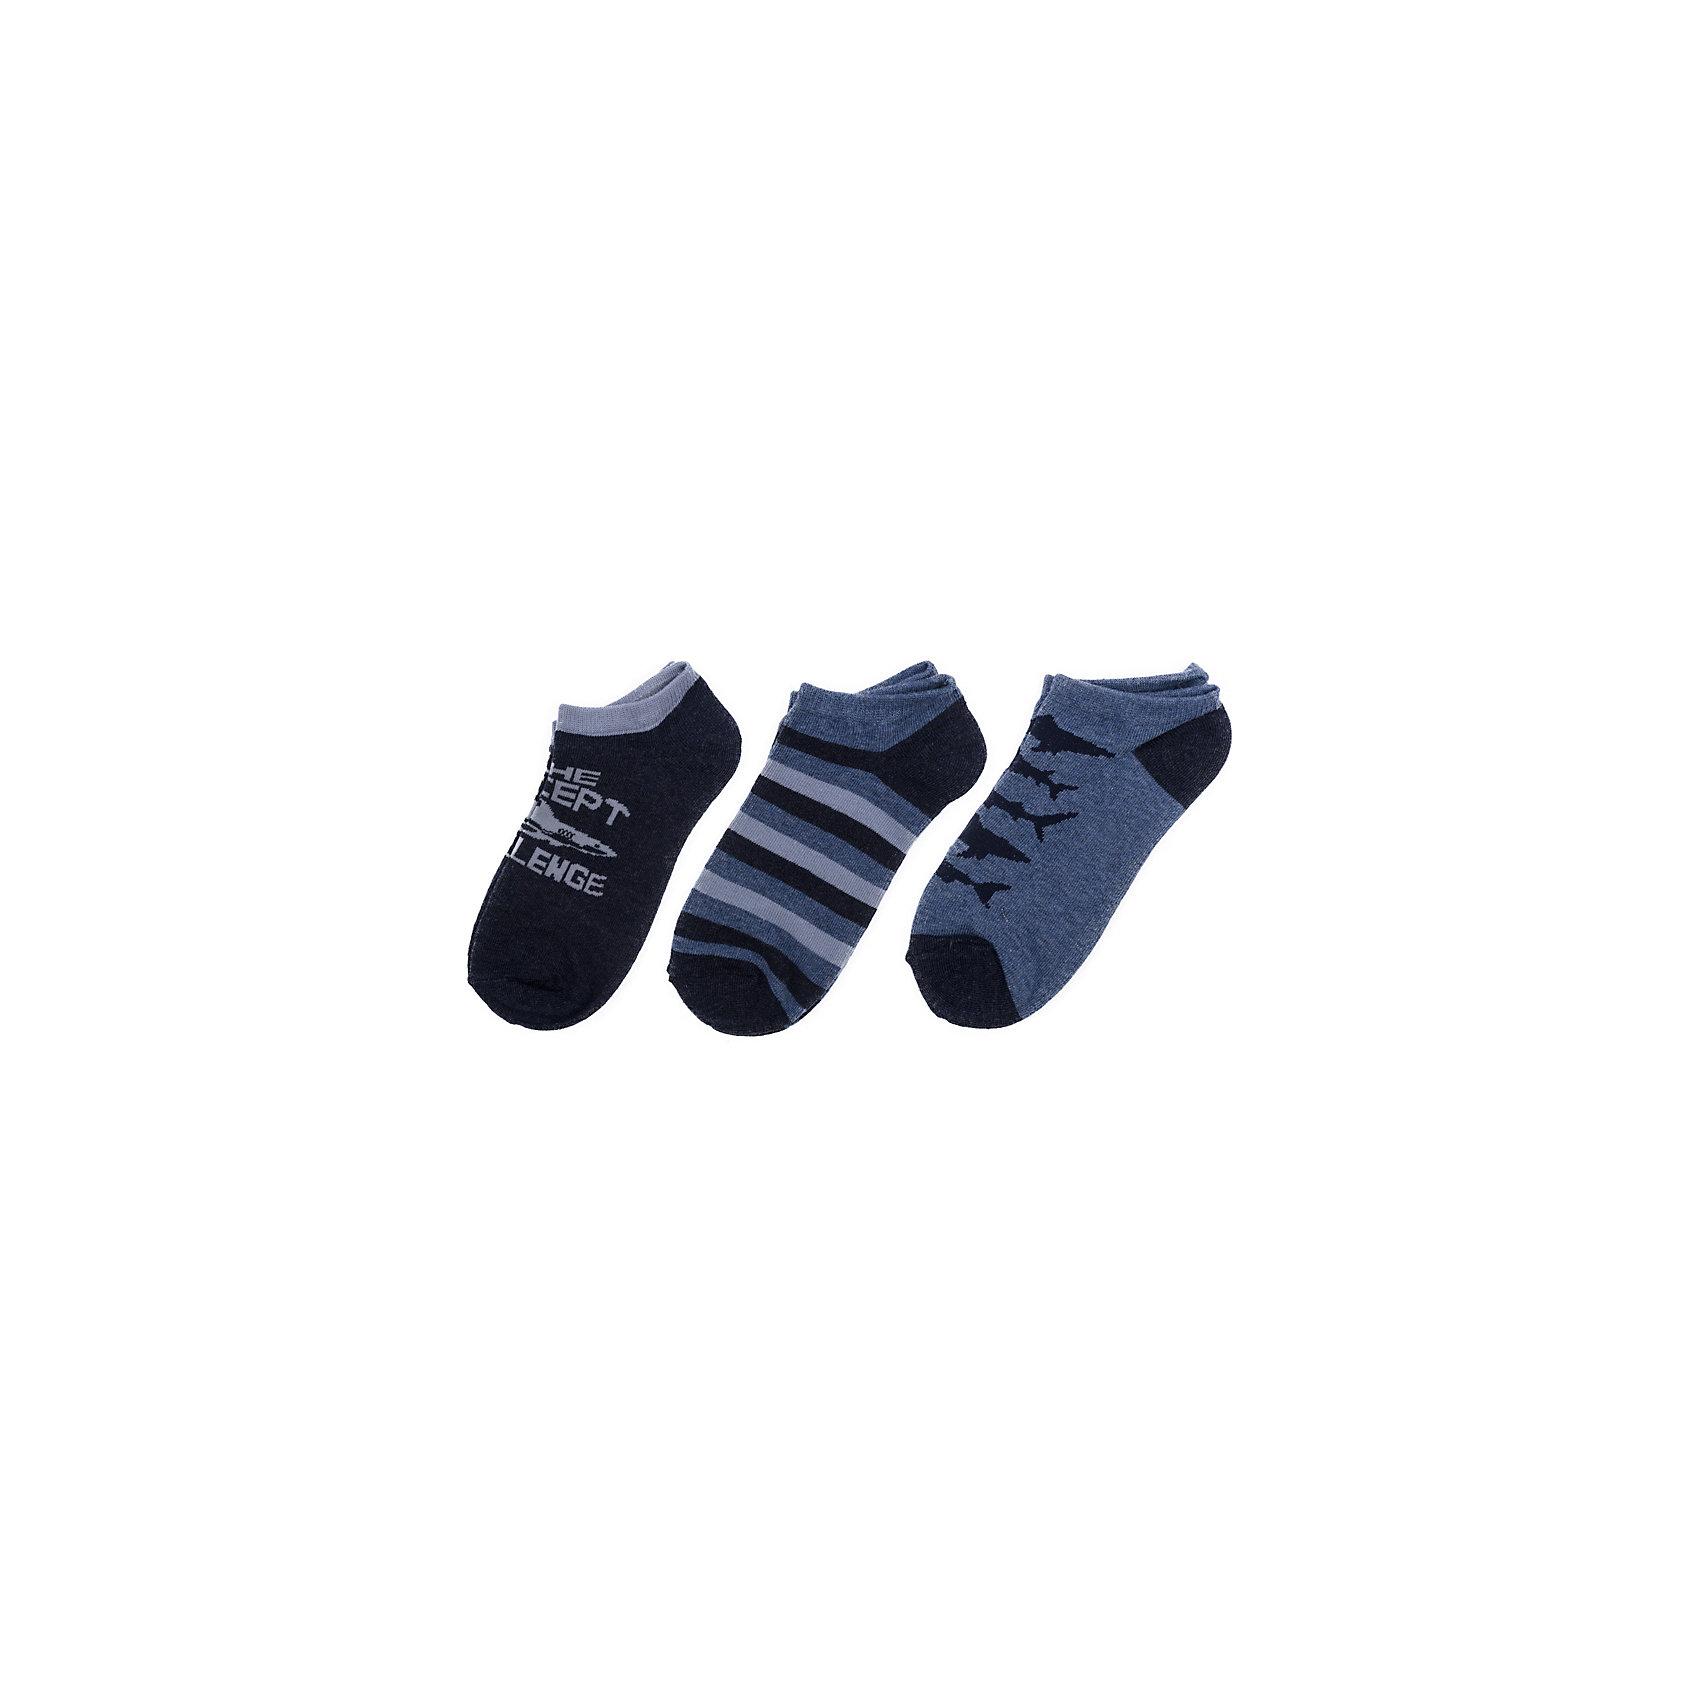 Носки для мальчика ScoolНоски<br>Носки очень мягкие, из качественных материалов, приятны к телу и не сковывают движений. Хорошо облегают ногу.Преимущества: Мягкие, выполненные из натуральных материалов, приятны к телу, не сковывают движенийХорошо пропускают воздух, позволяя тем самым коже дышатьДаже частые стирки, при условии соблюдений рекомендаций по уходу, не изменят ни форму, ни цвет изделия.<br>Состав:<br>75% хлопок, 22% нейлон, 3% эластан<br><br>Ширина мм: 87<br>Глубина мм: 10<br>Высота мм: 105<br>Вес г: 115<br>Цвет: синий<br>Возраст от месяцев: 9<br>Возраст до месяцев: 12<br>Пол: Мужской<br>Возраст: Детский<br>Размер: 20,22,24<br>SKU: 5604368